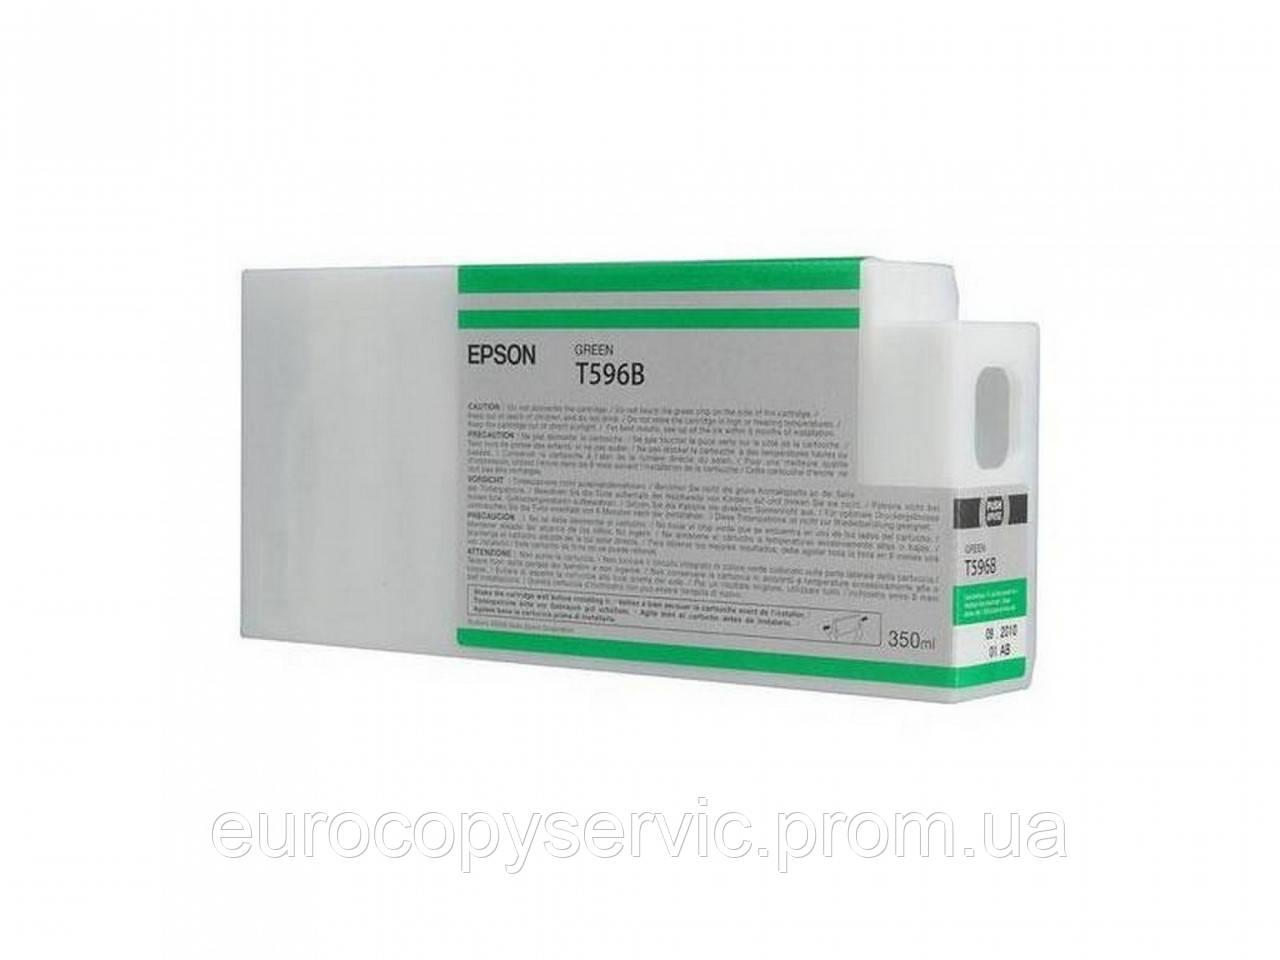 Картридж Epson StPro 7900 / 9900 green 350 мл (C13T596B00)